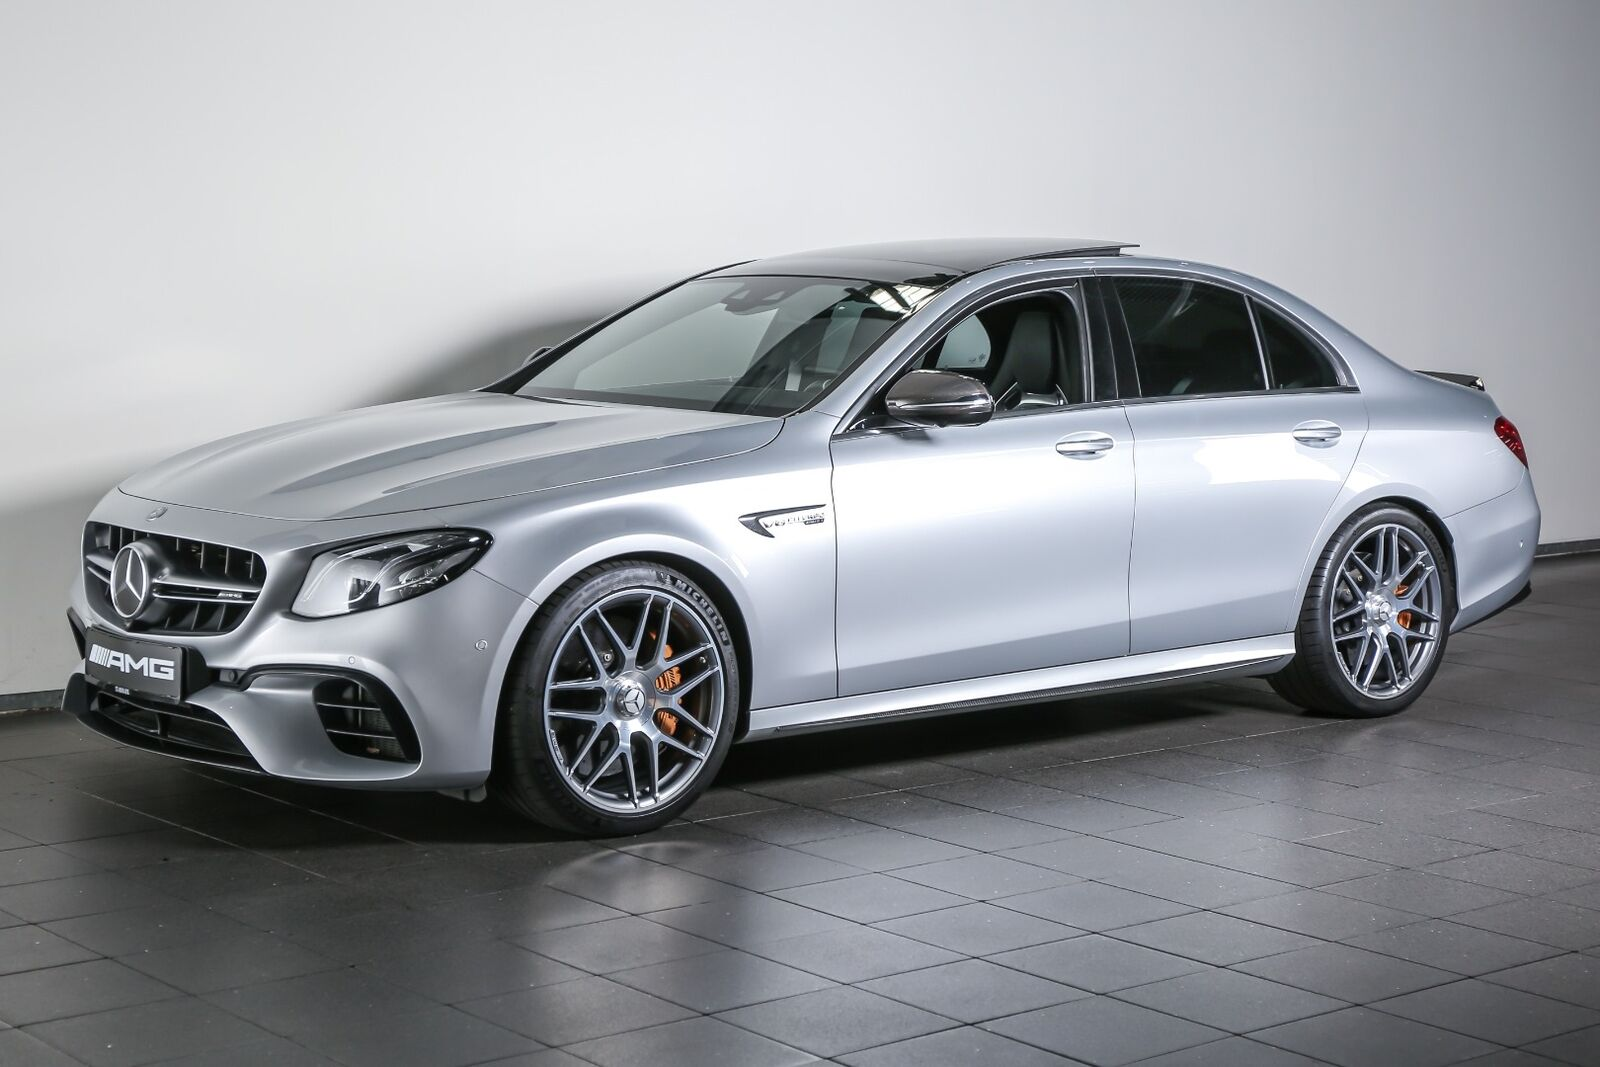 Mercedes E63 4,0 AMG S aut. 4-M+ 4d - 1.329.900 kr.